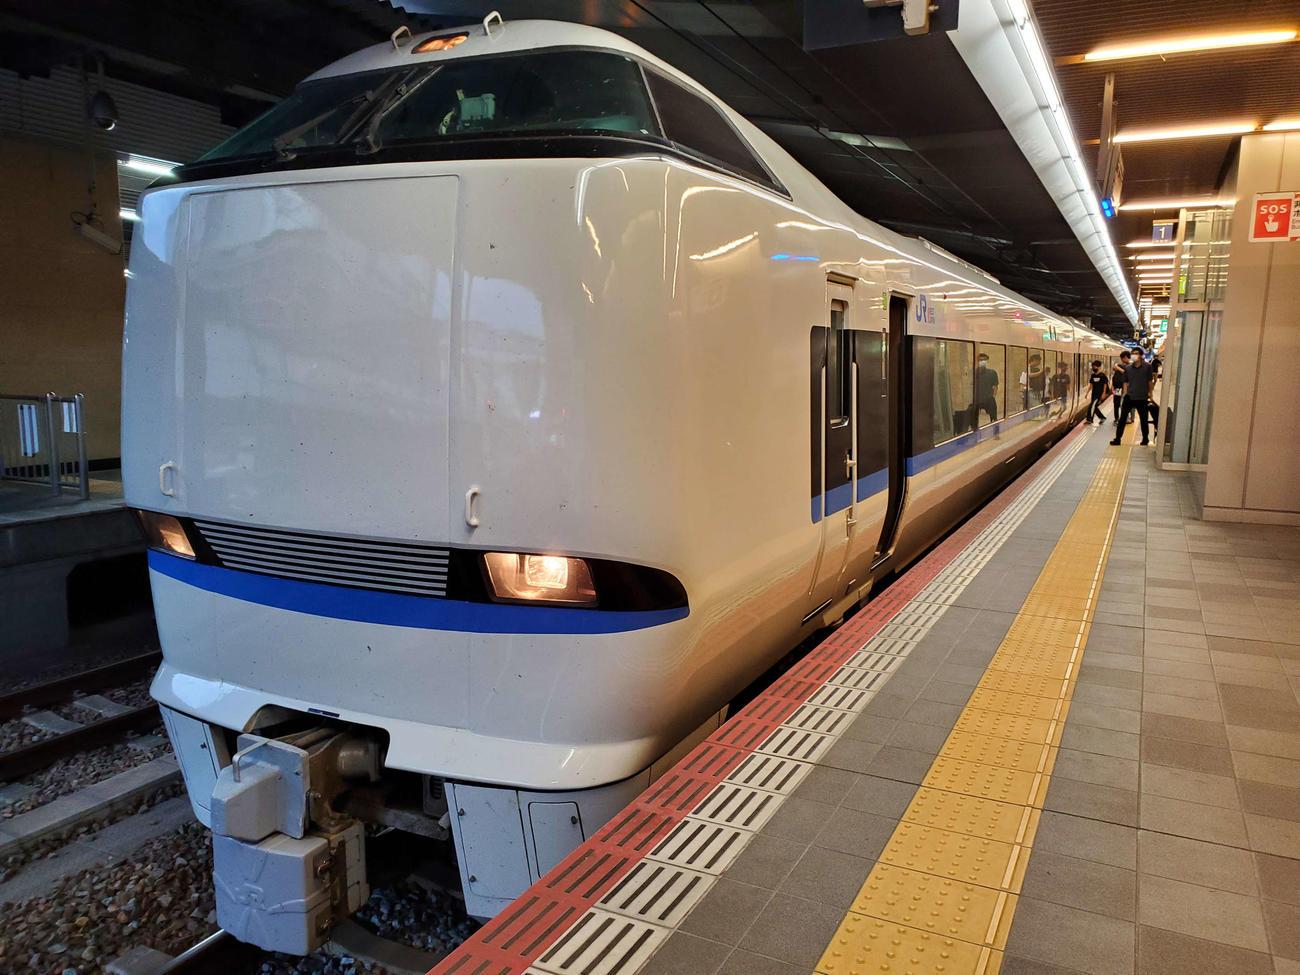 〈1〉雷鳥からサンダーバードへと名称は変わったが、大阪から北陸に向かう看板列車の座は今も不動